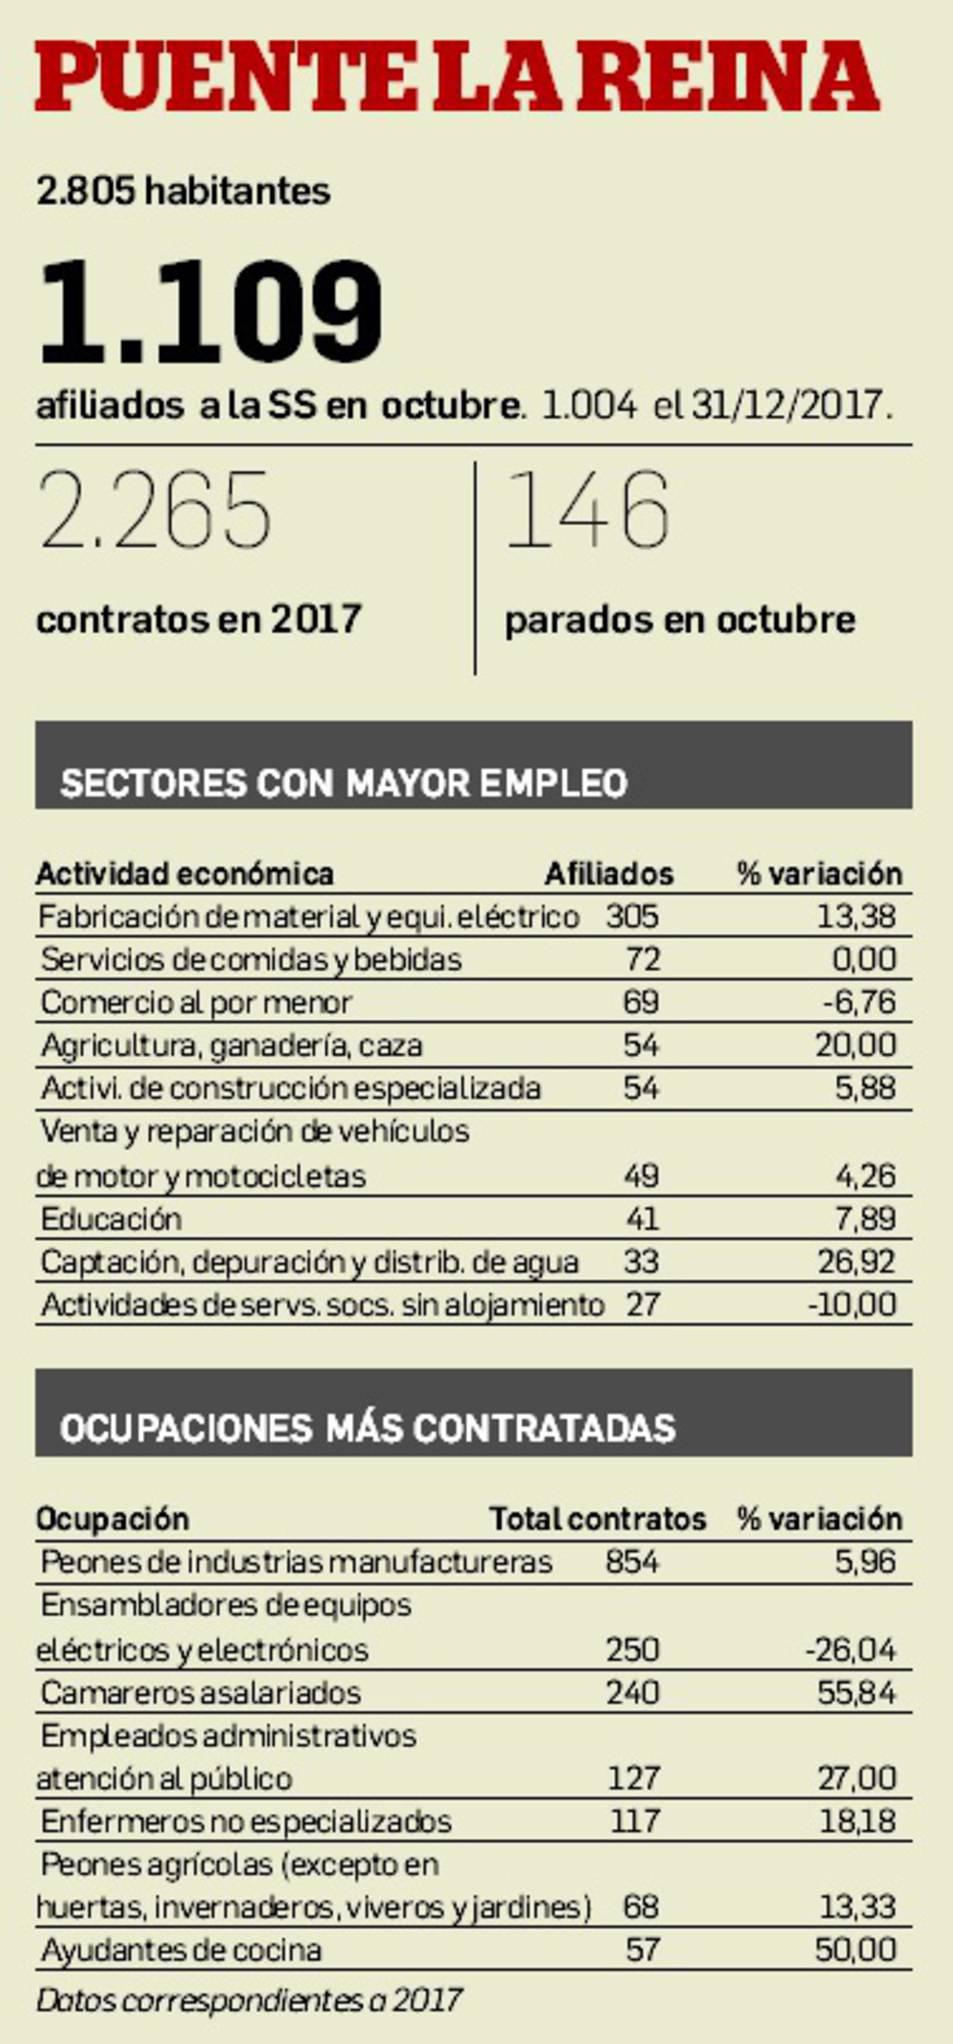 Gráfico del empleo en Puente la Reina.